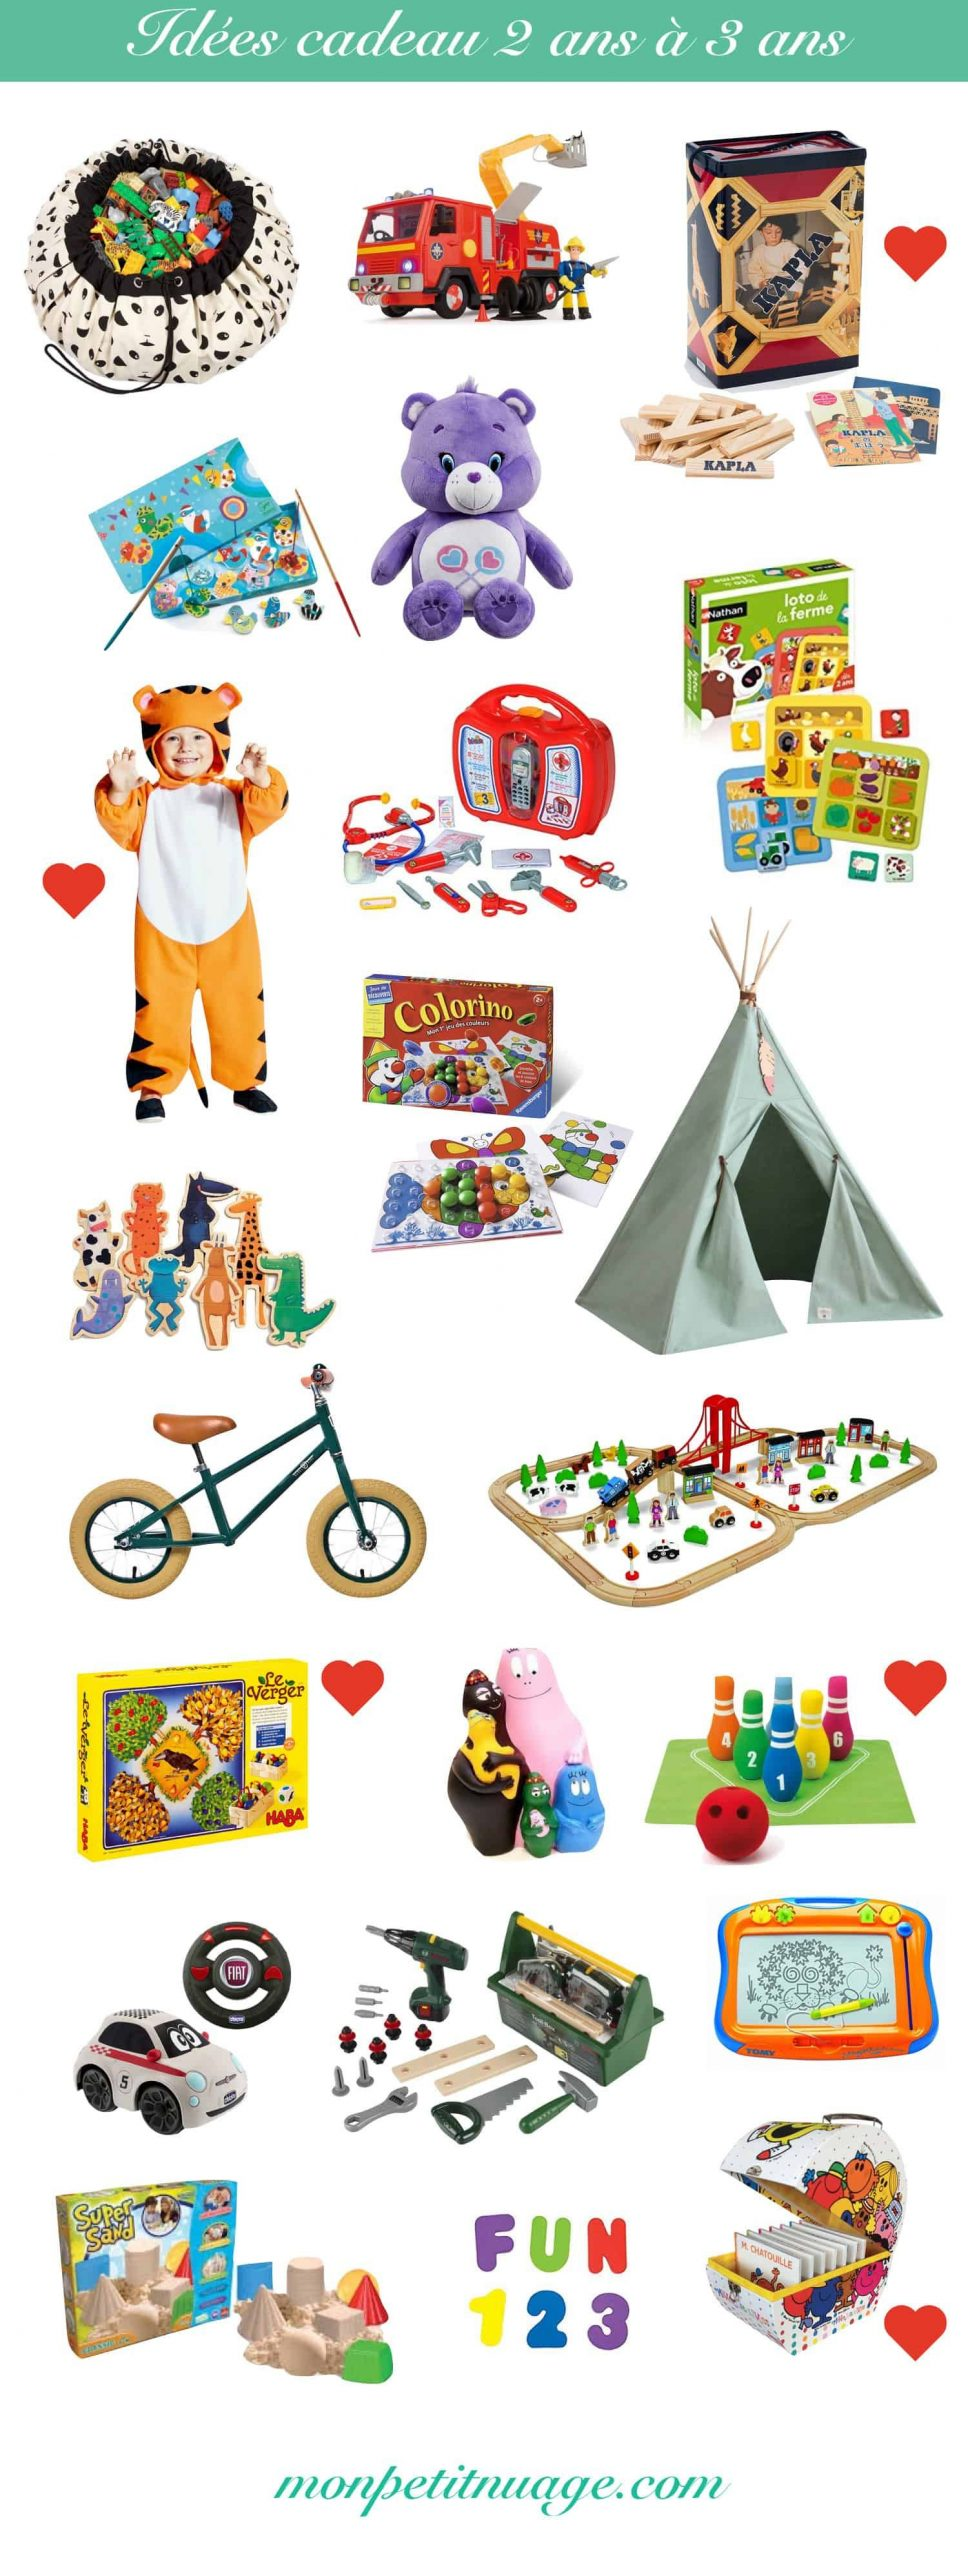 Idées Cadeaux Bébé & Enfant : 6 Mois, 1 An, 2 Ans, 3 Ans intérieur Jeu Pour Petit Garcon De 2 Ans